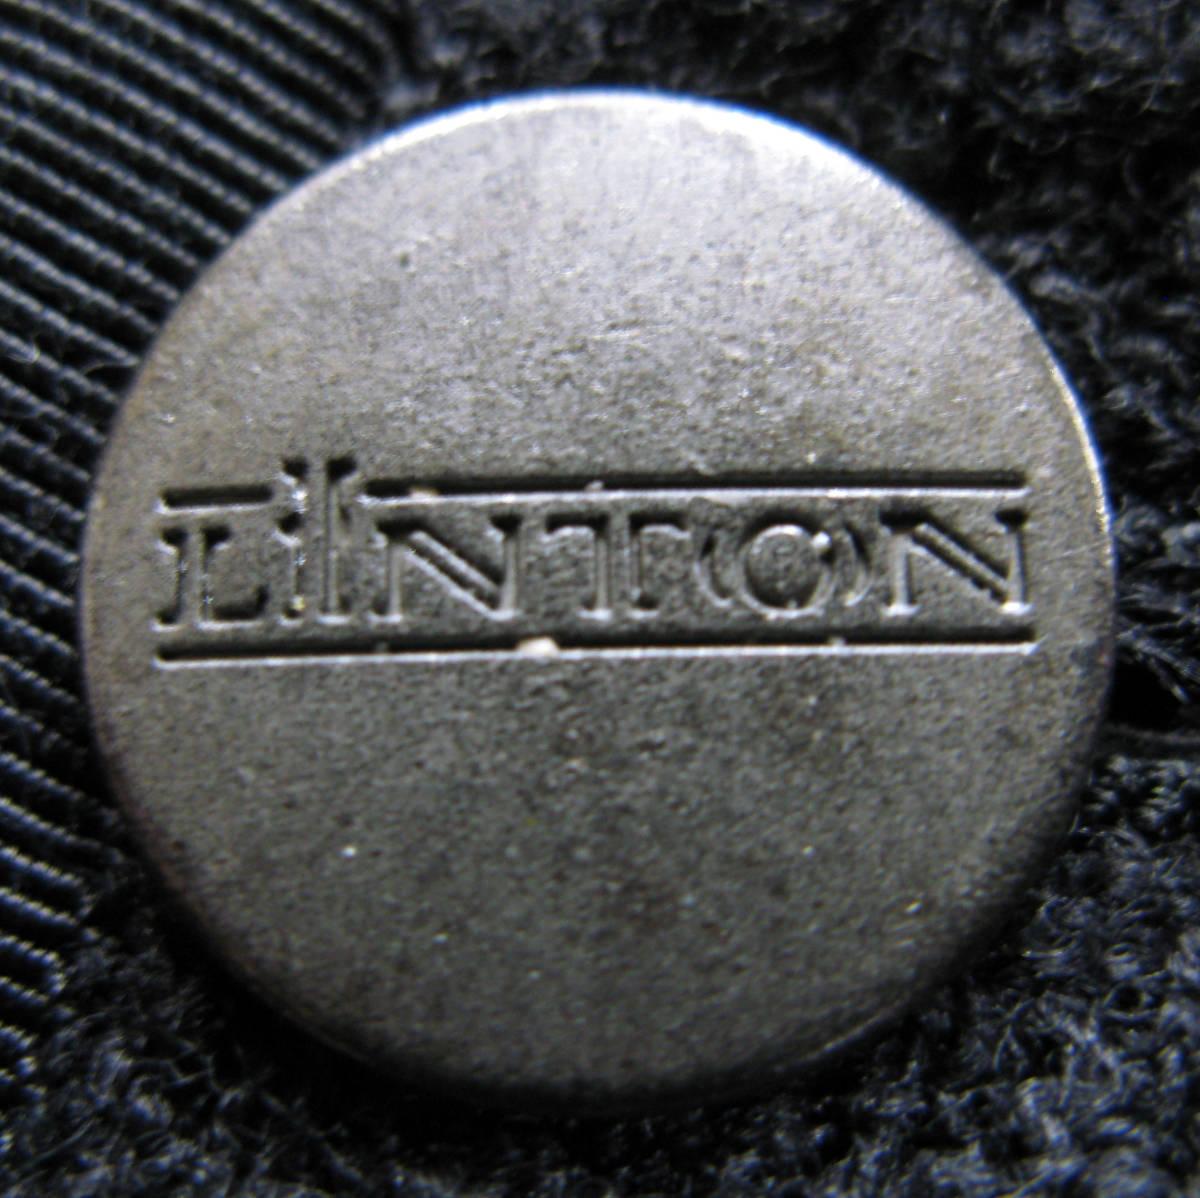 アンユーズド UNUSED×LINTON FABRIC:ノーカラー ツイード ジャケット ( リントン UNUSED×LINTON FABRIC Men's jacket_画像7